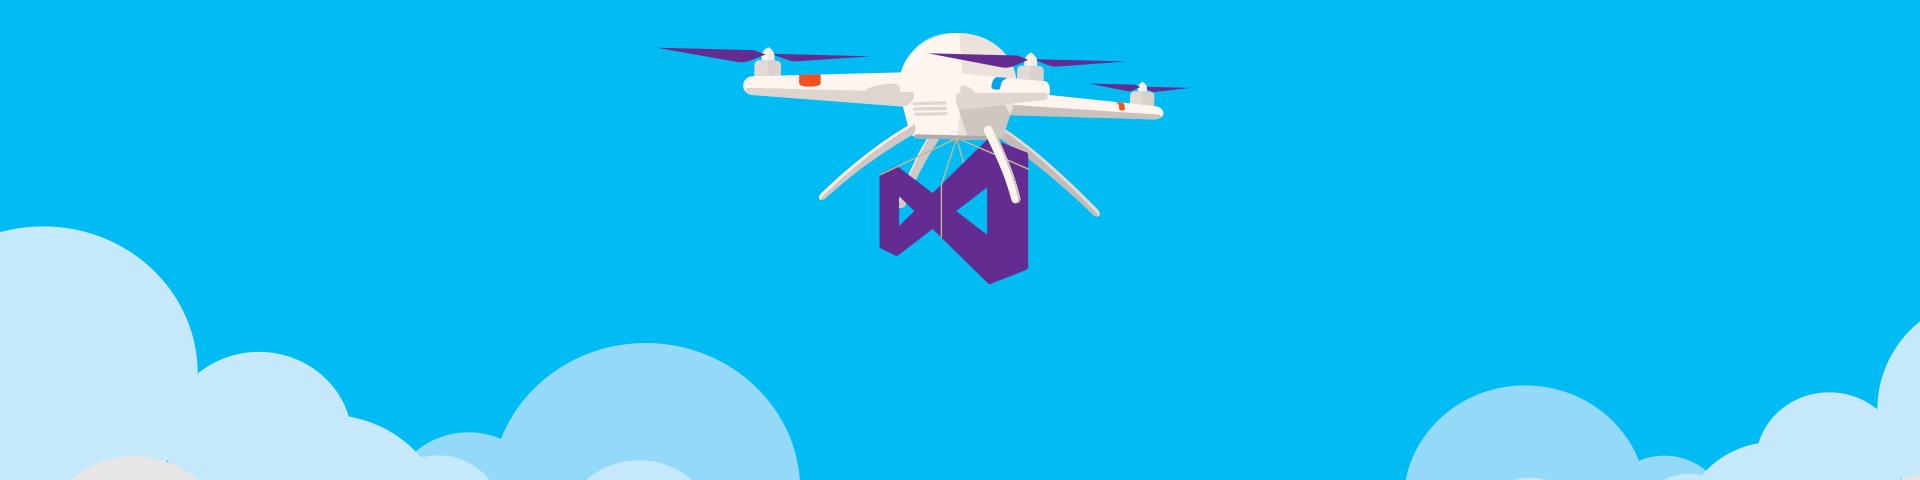 En bild på en flygande drönare som bär Visual Studio-logotypen